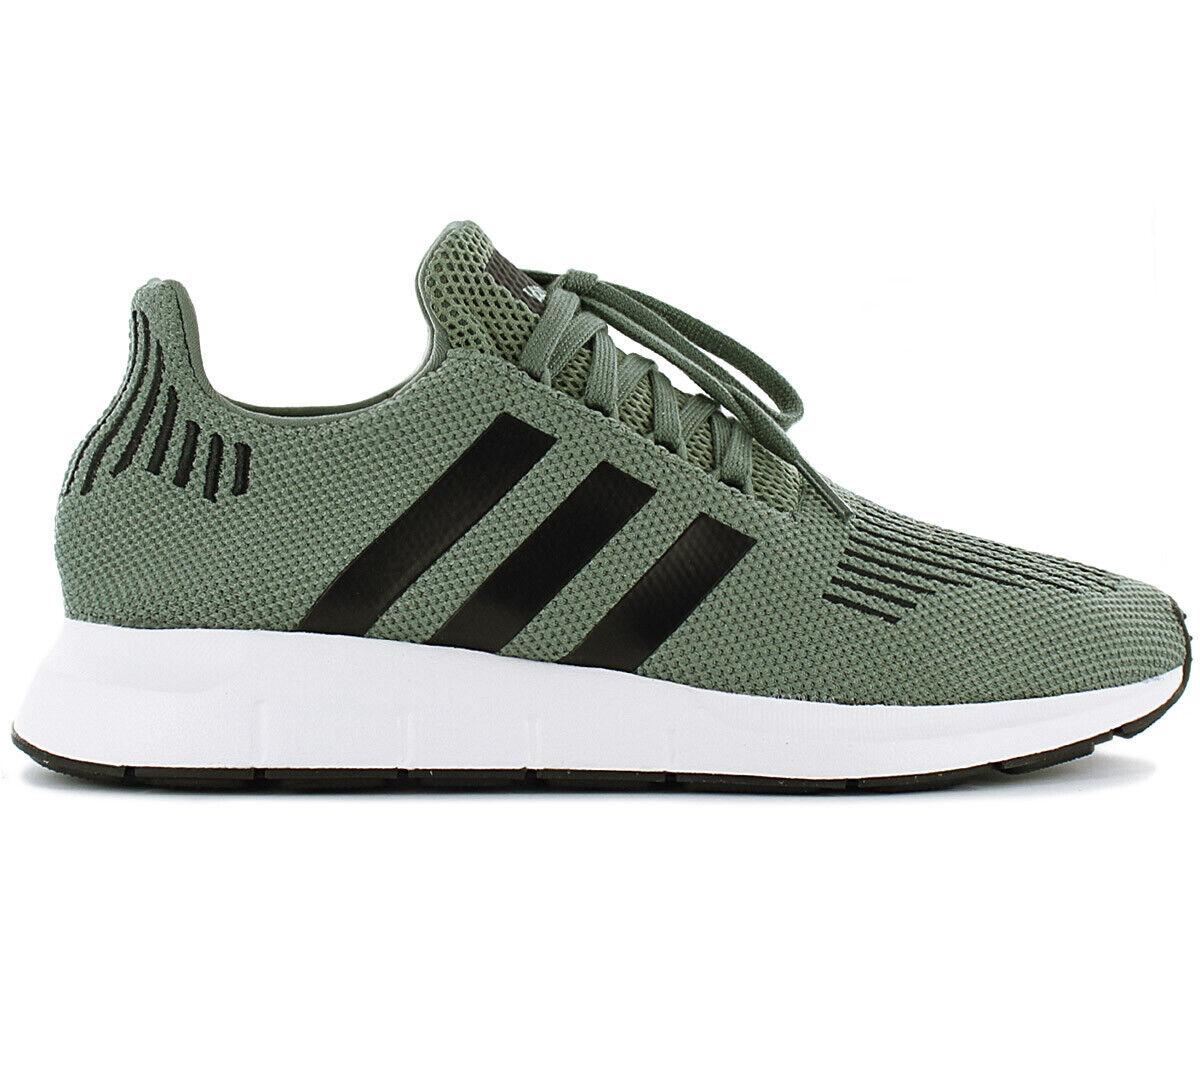 Adidas Originals Swift Run Zapatillas Estilo Deportivas para Hombre CG4115 verde